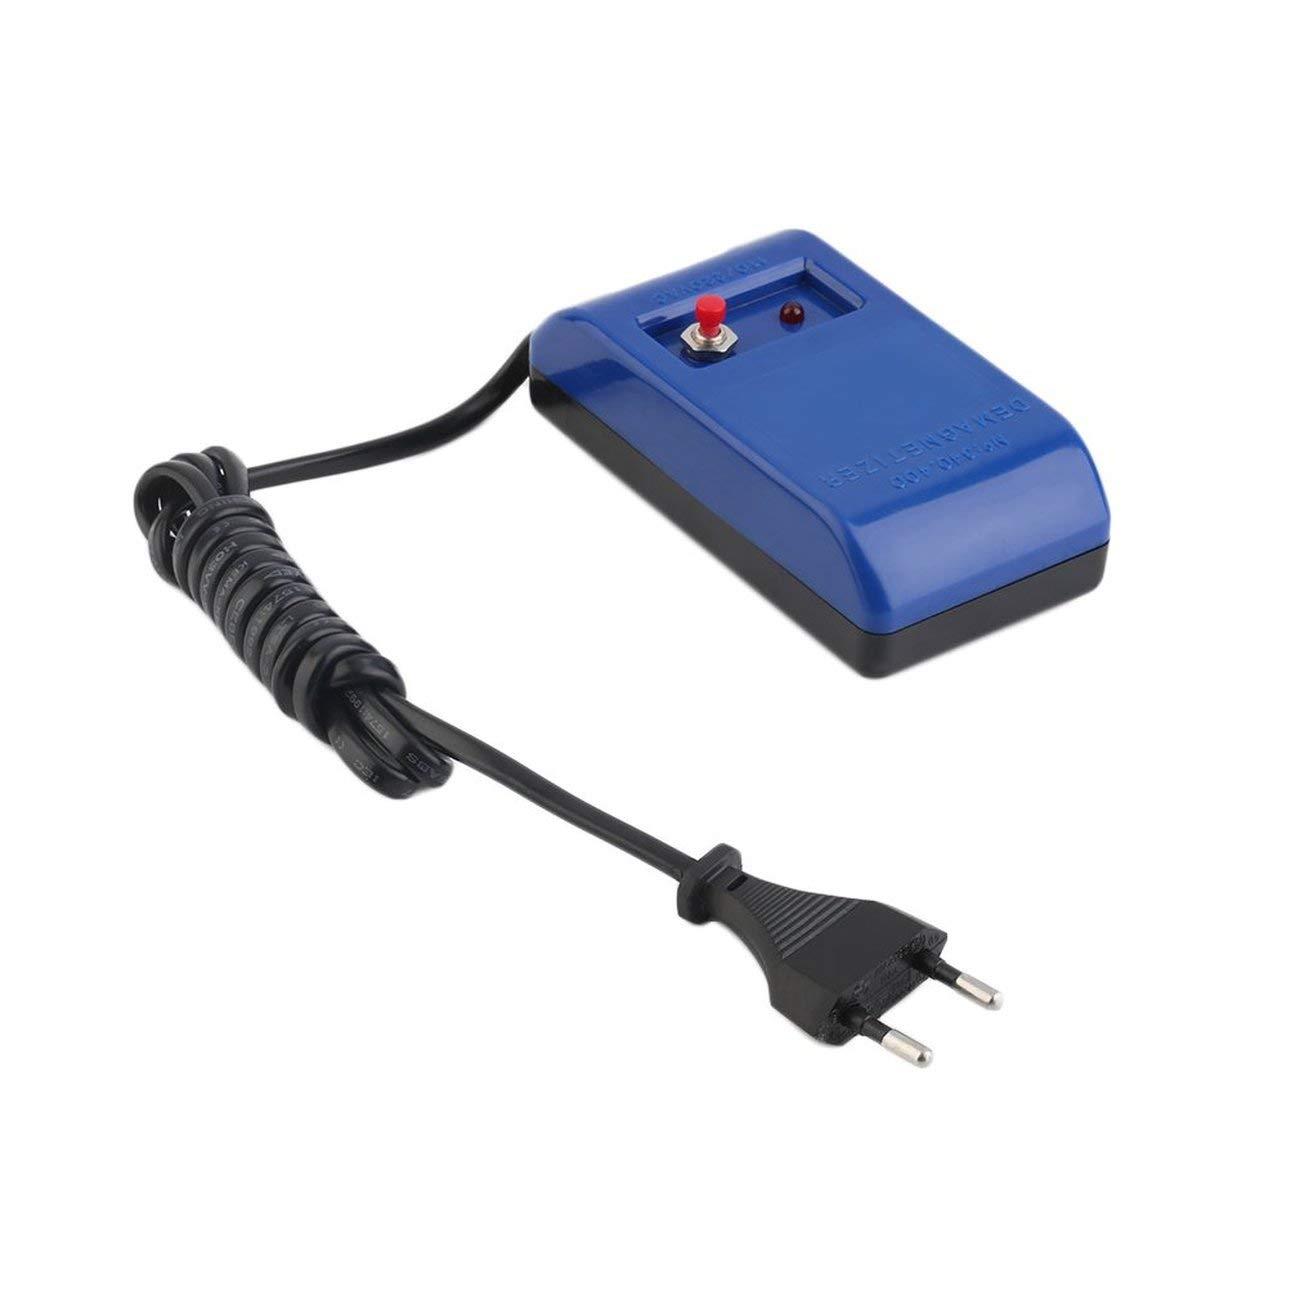 Elektrische-perfekte-Uhr-Reparatur-Schraubendreher-Pinzette-Entmagnetisieren-Entmagnetisierer-Werkzeuge-EU-Stecker